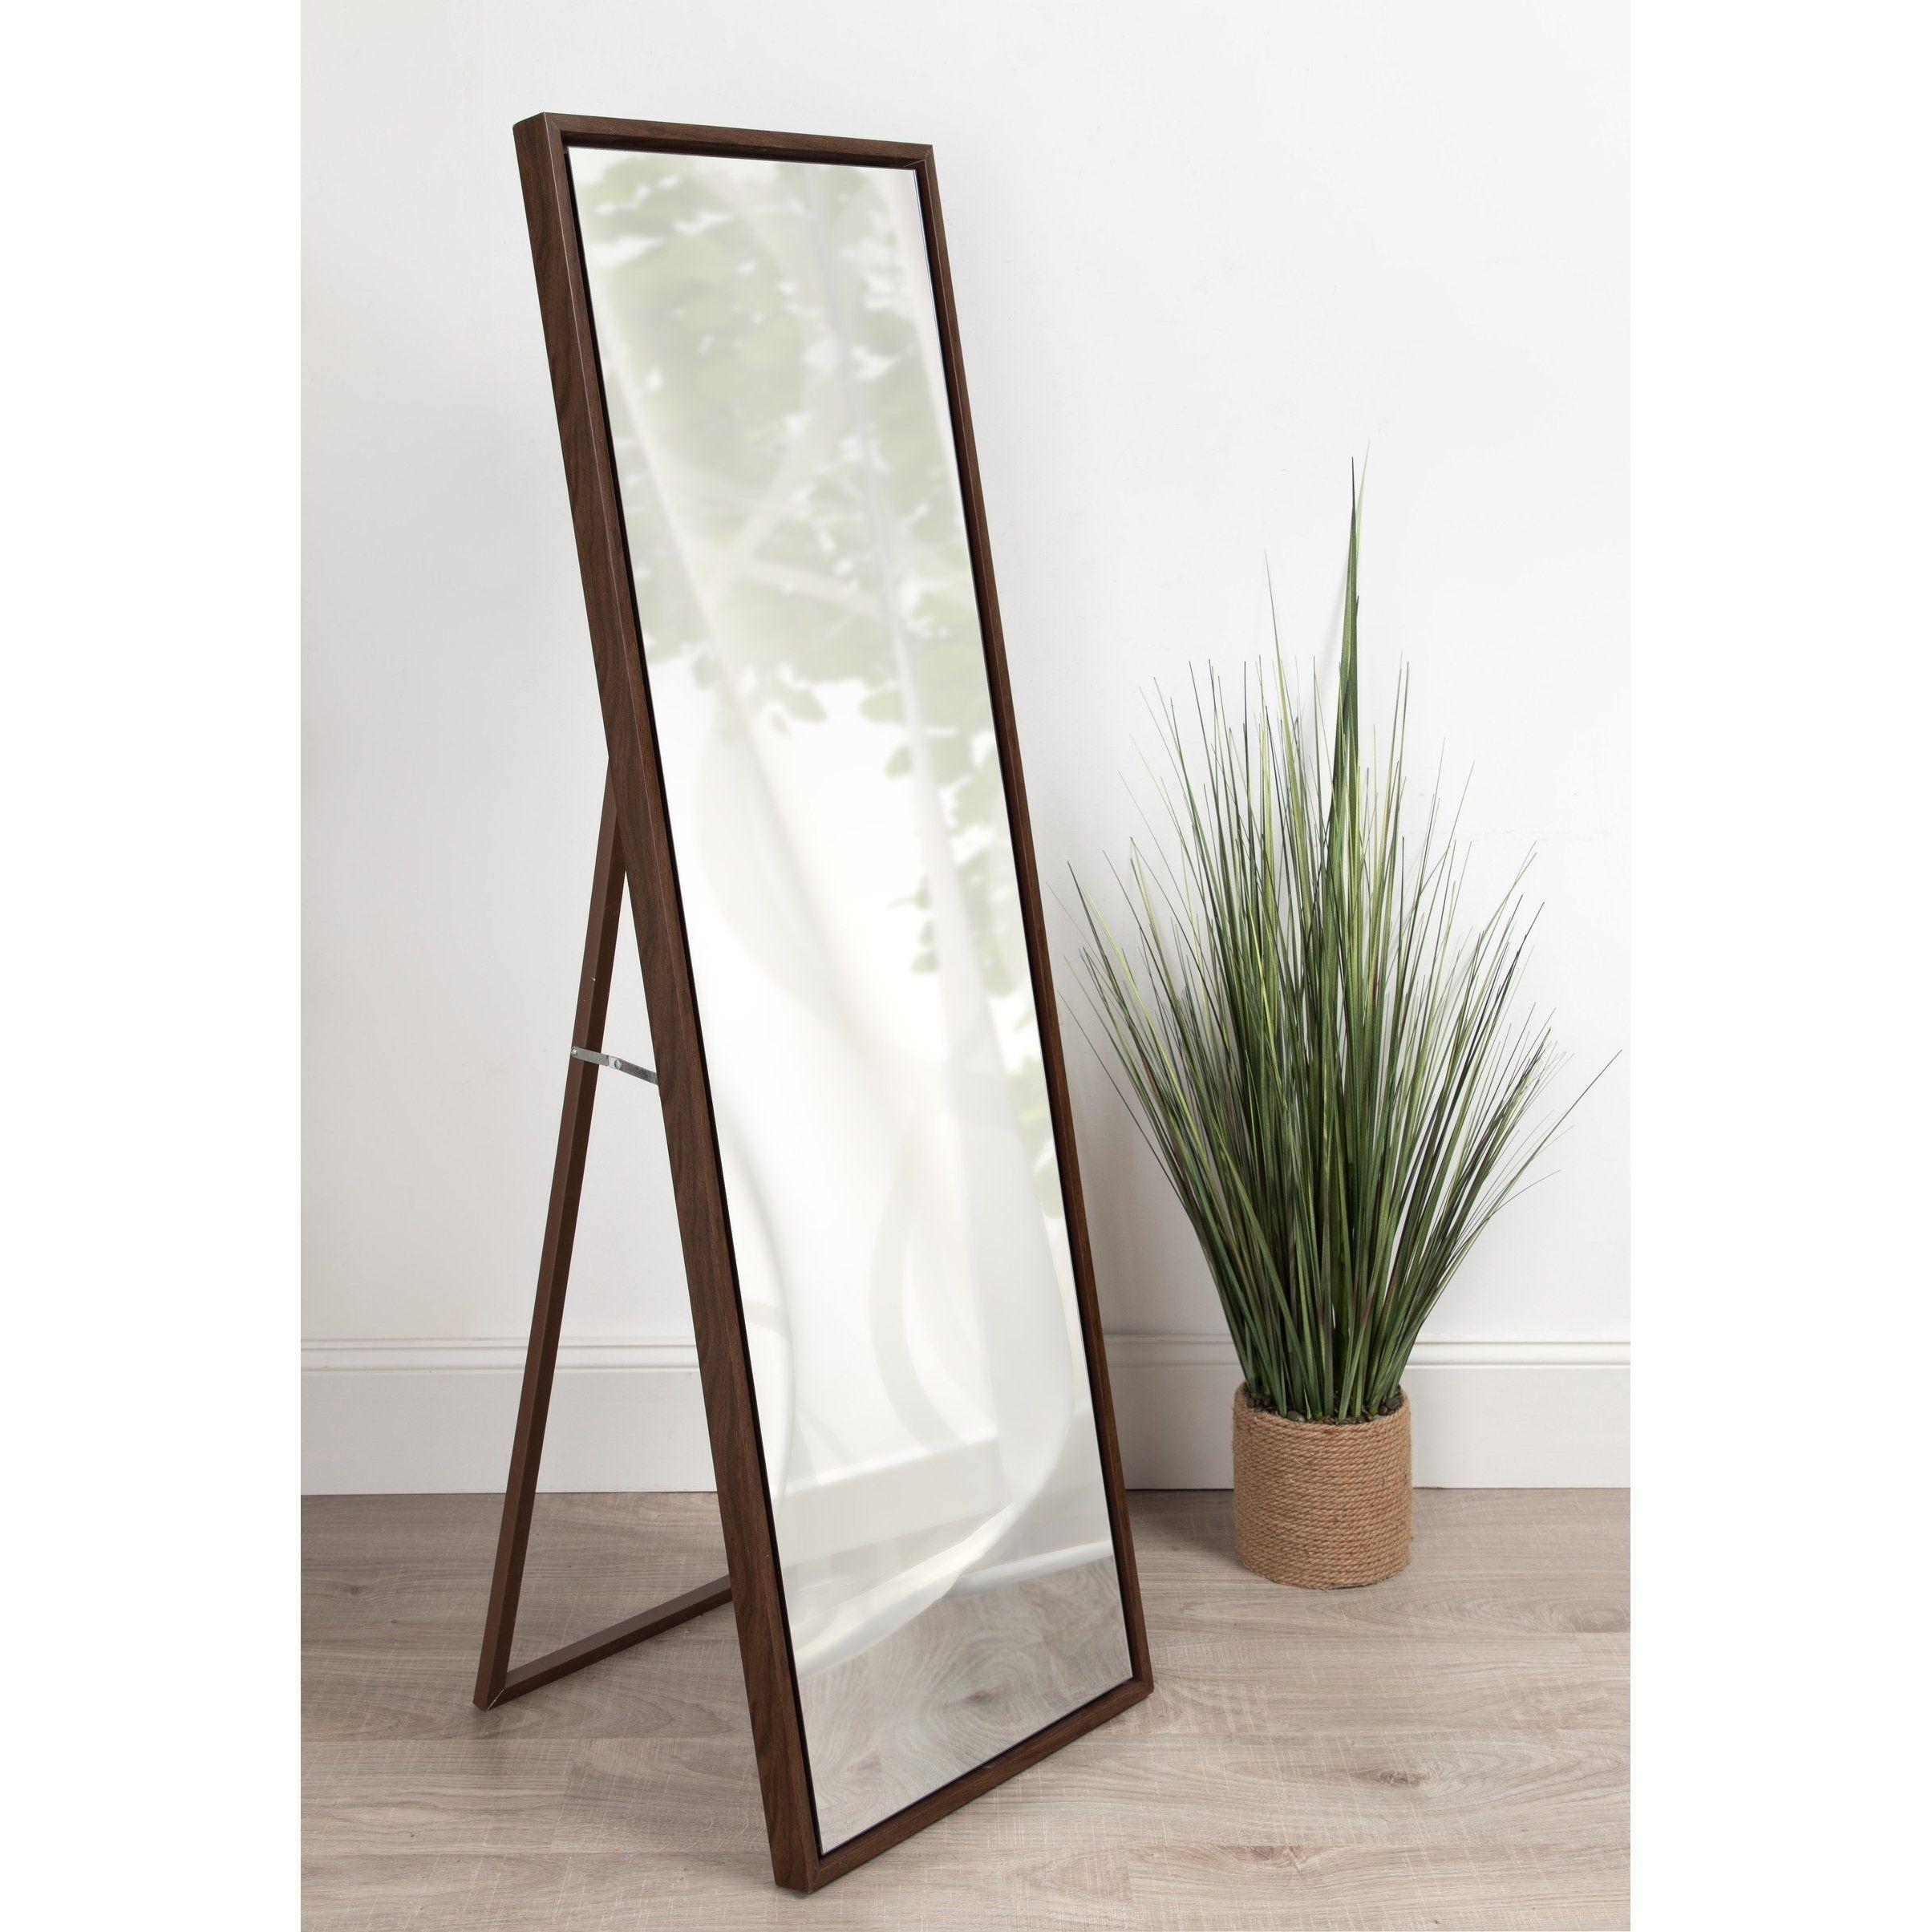 Carbon loft beckman wood framed freestanding mirror